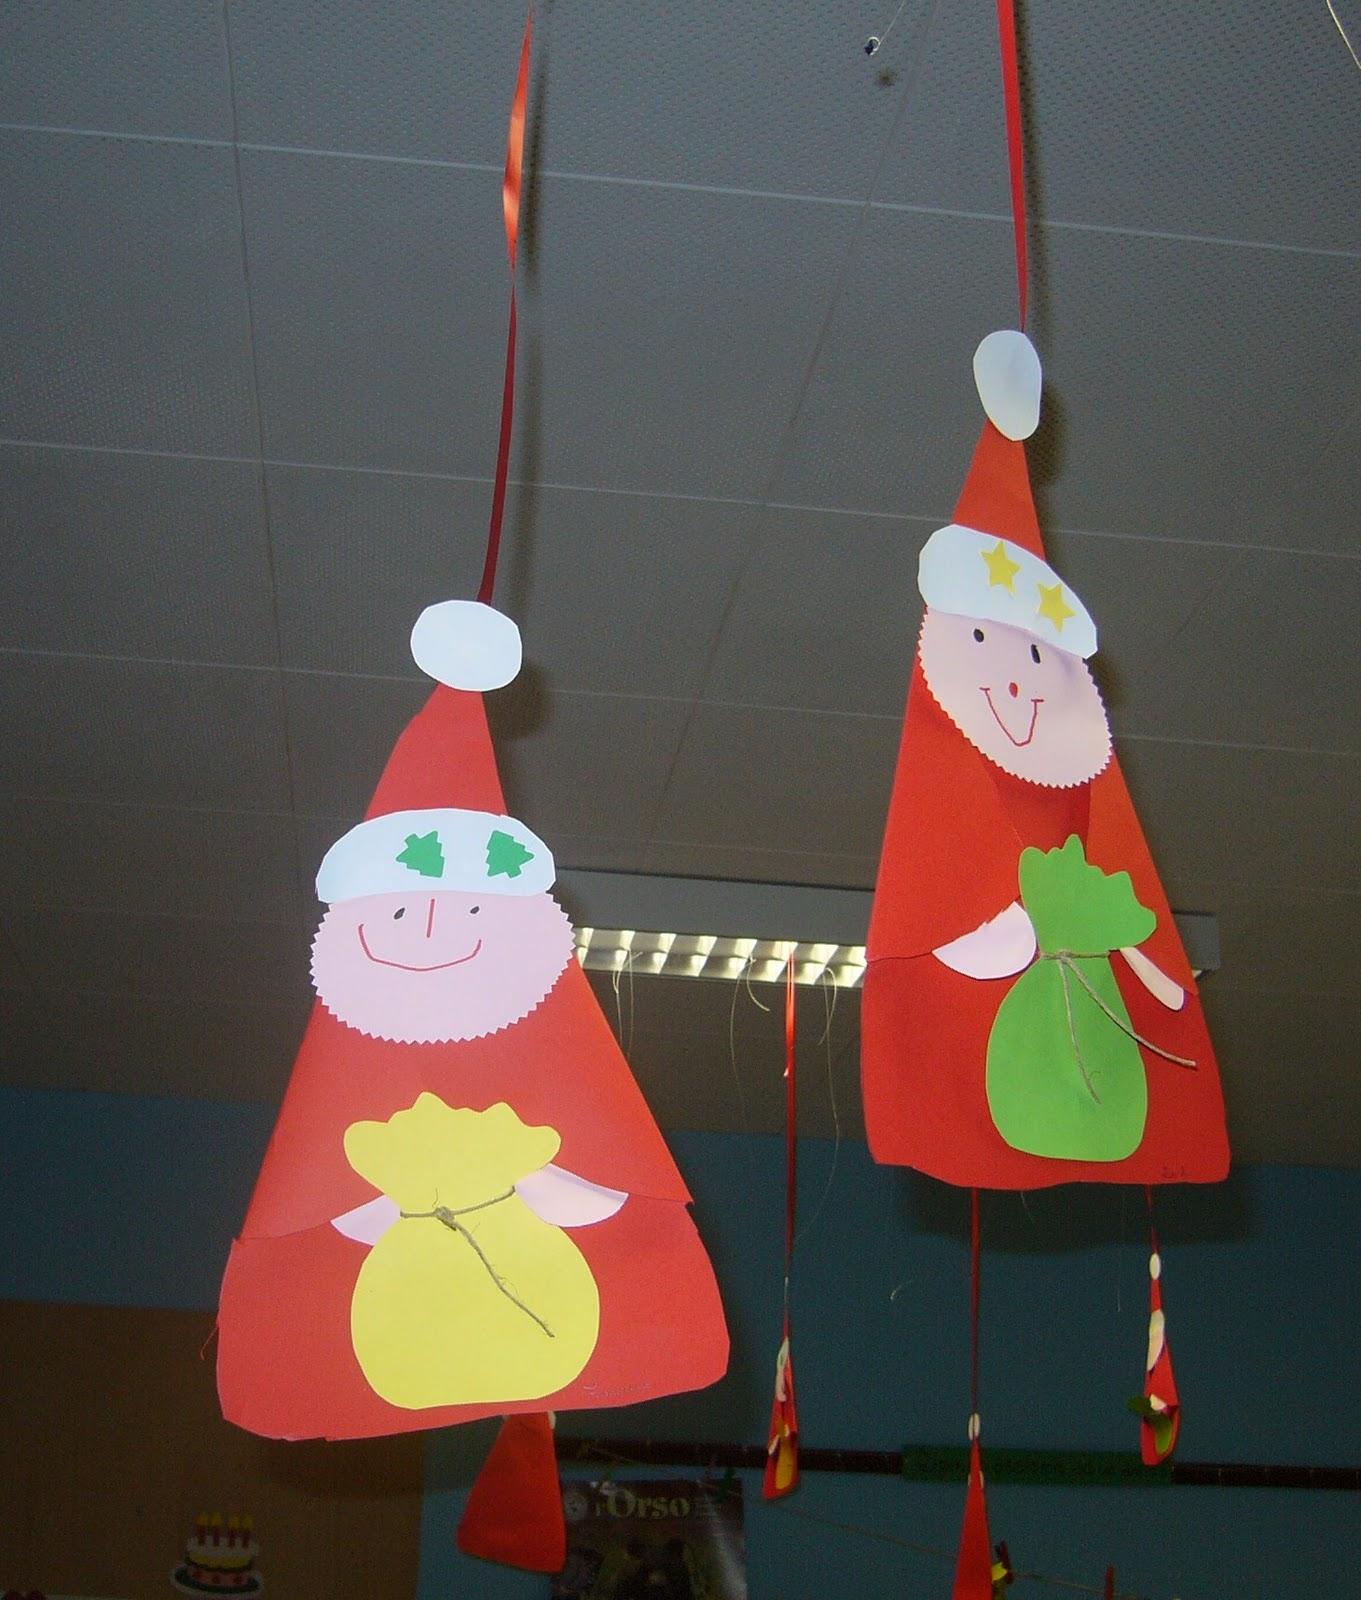 Scuola dell 39 infanzia di coseano addobbi di natale nella for Addobbi finestre natale scuola infanzia